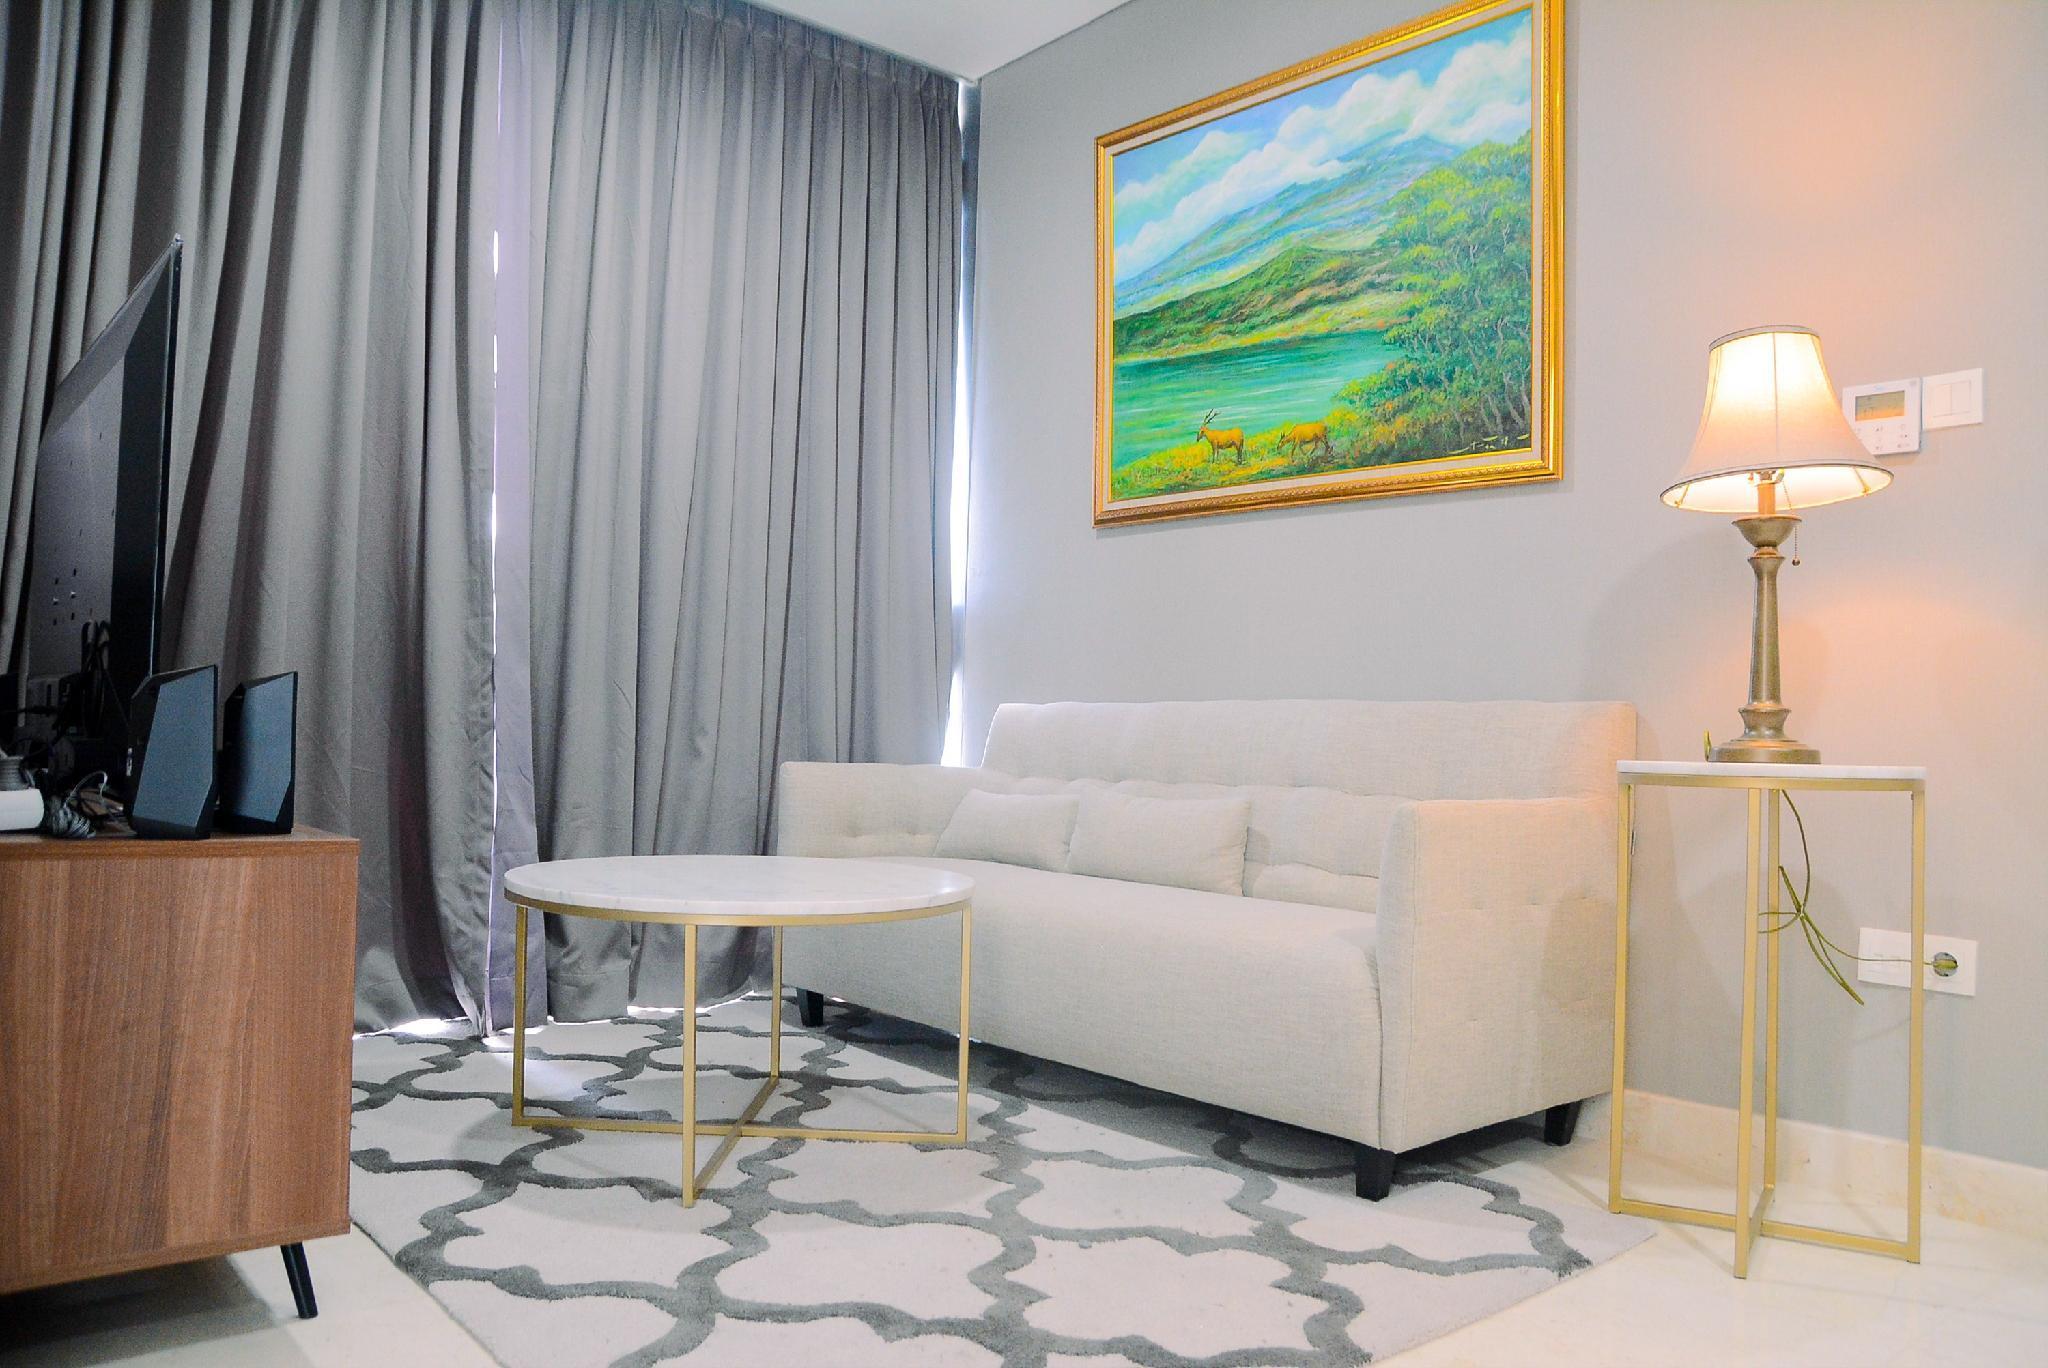 Luxurious 2BR Ciputra World 2 Apartment ByTravelio